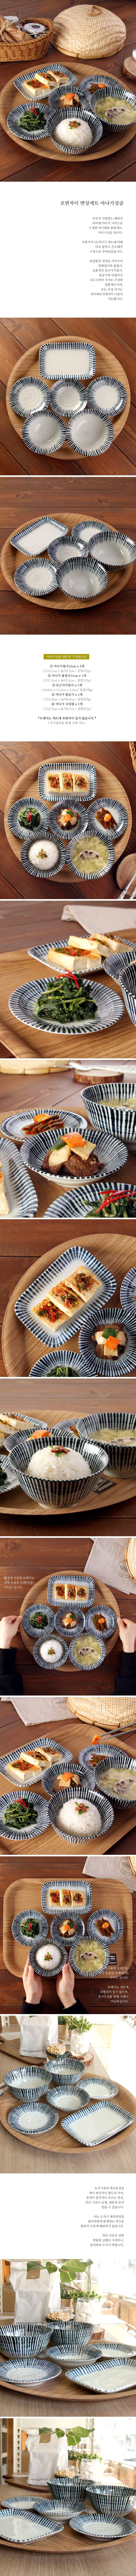 혼밥세트 반상세트 야나기싱글 - 로메이키친A, 25,900원, 식기홈세트, 1인세트